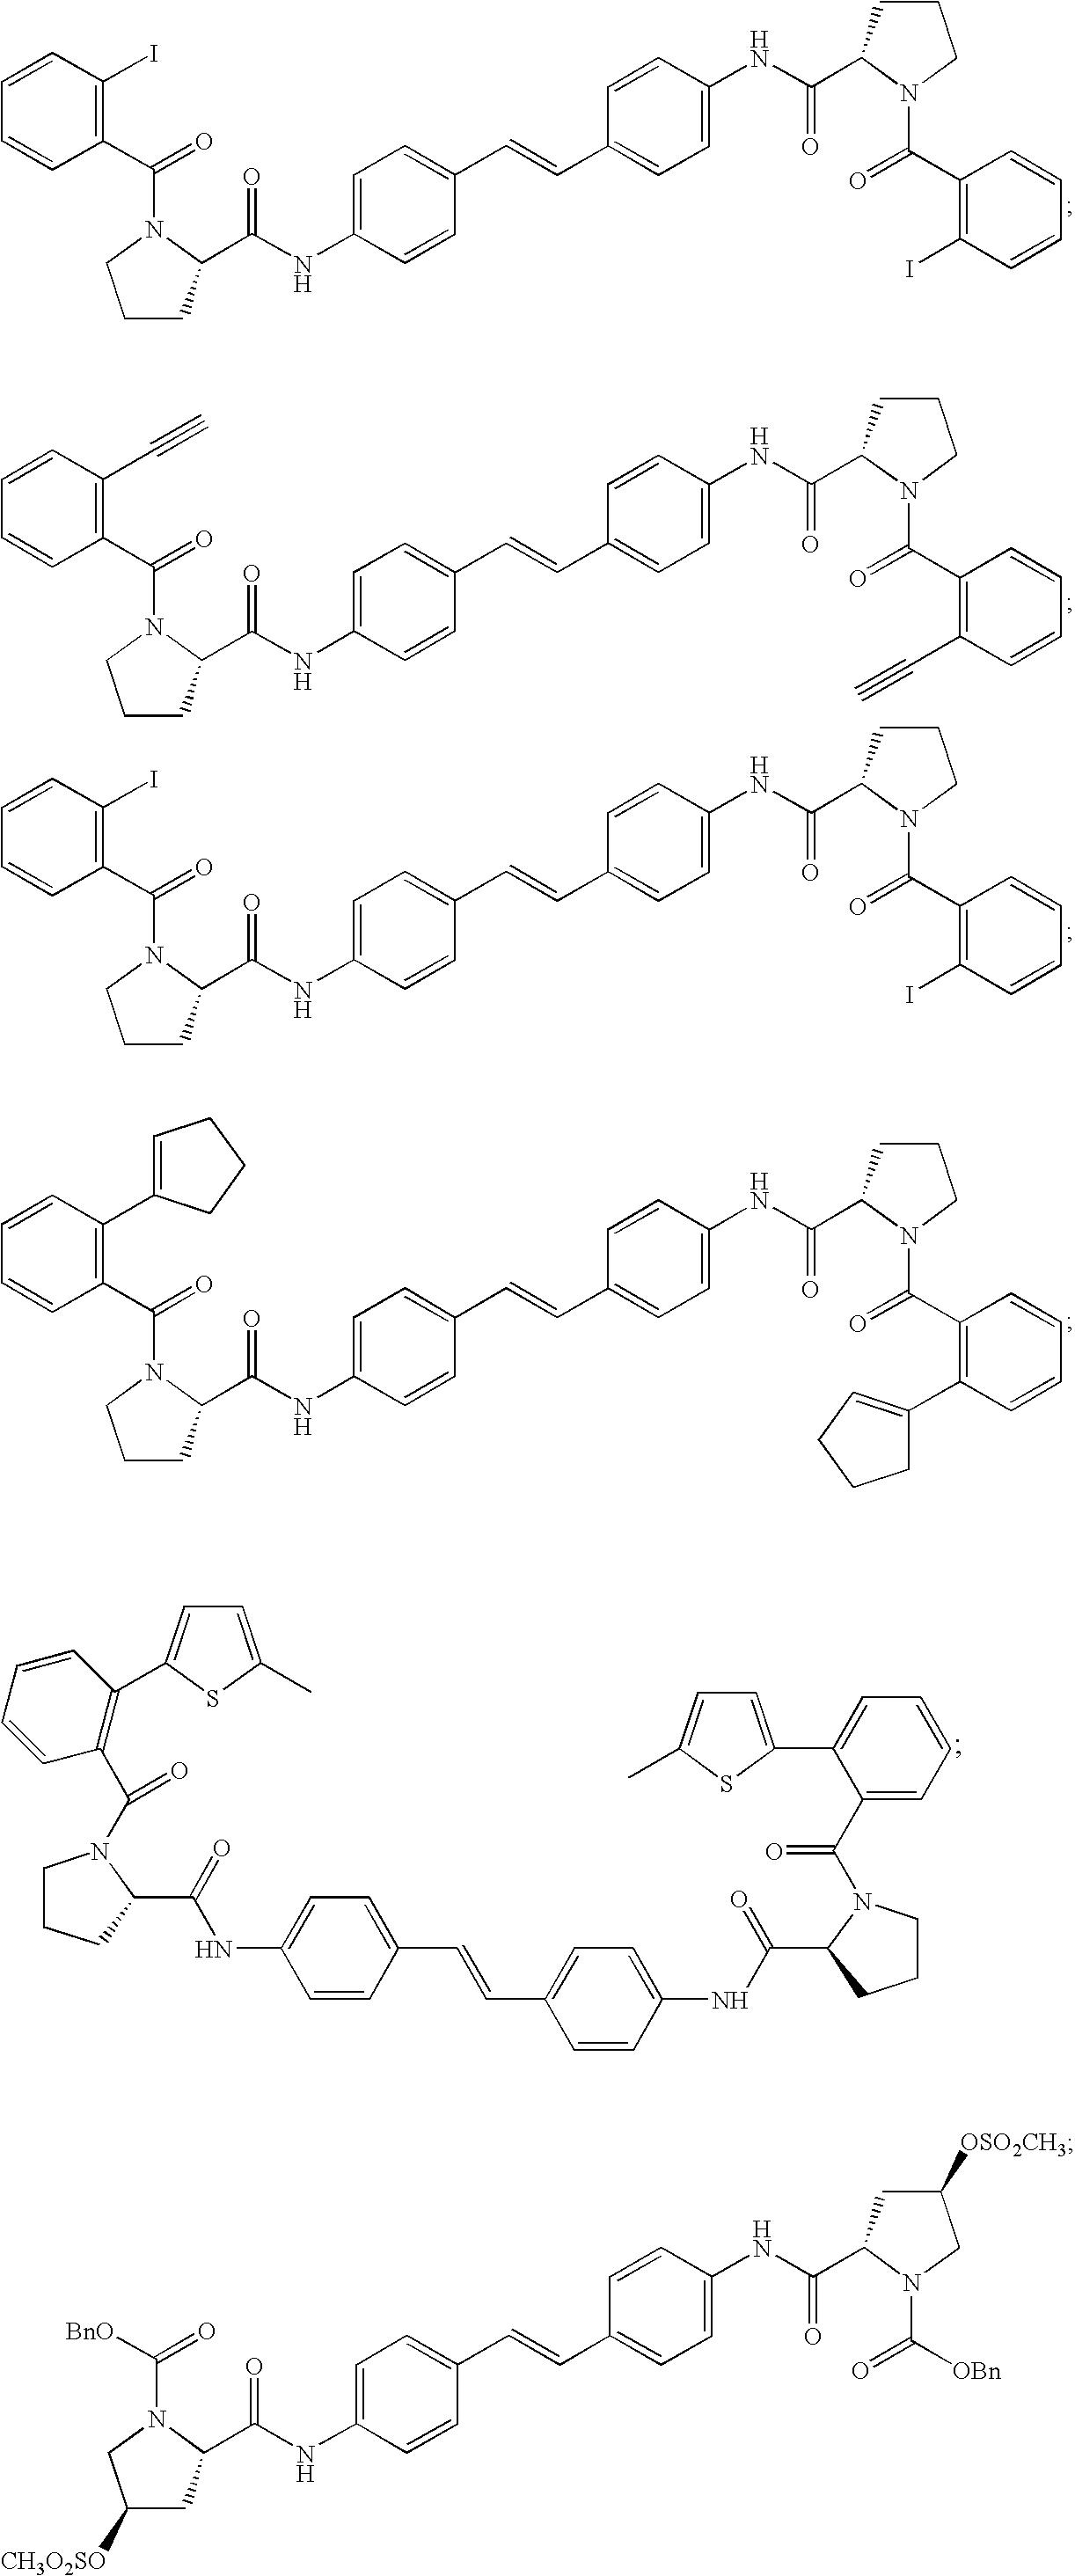 Figure US08143288-20120327-C00361